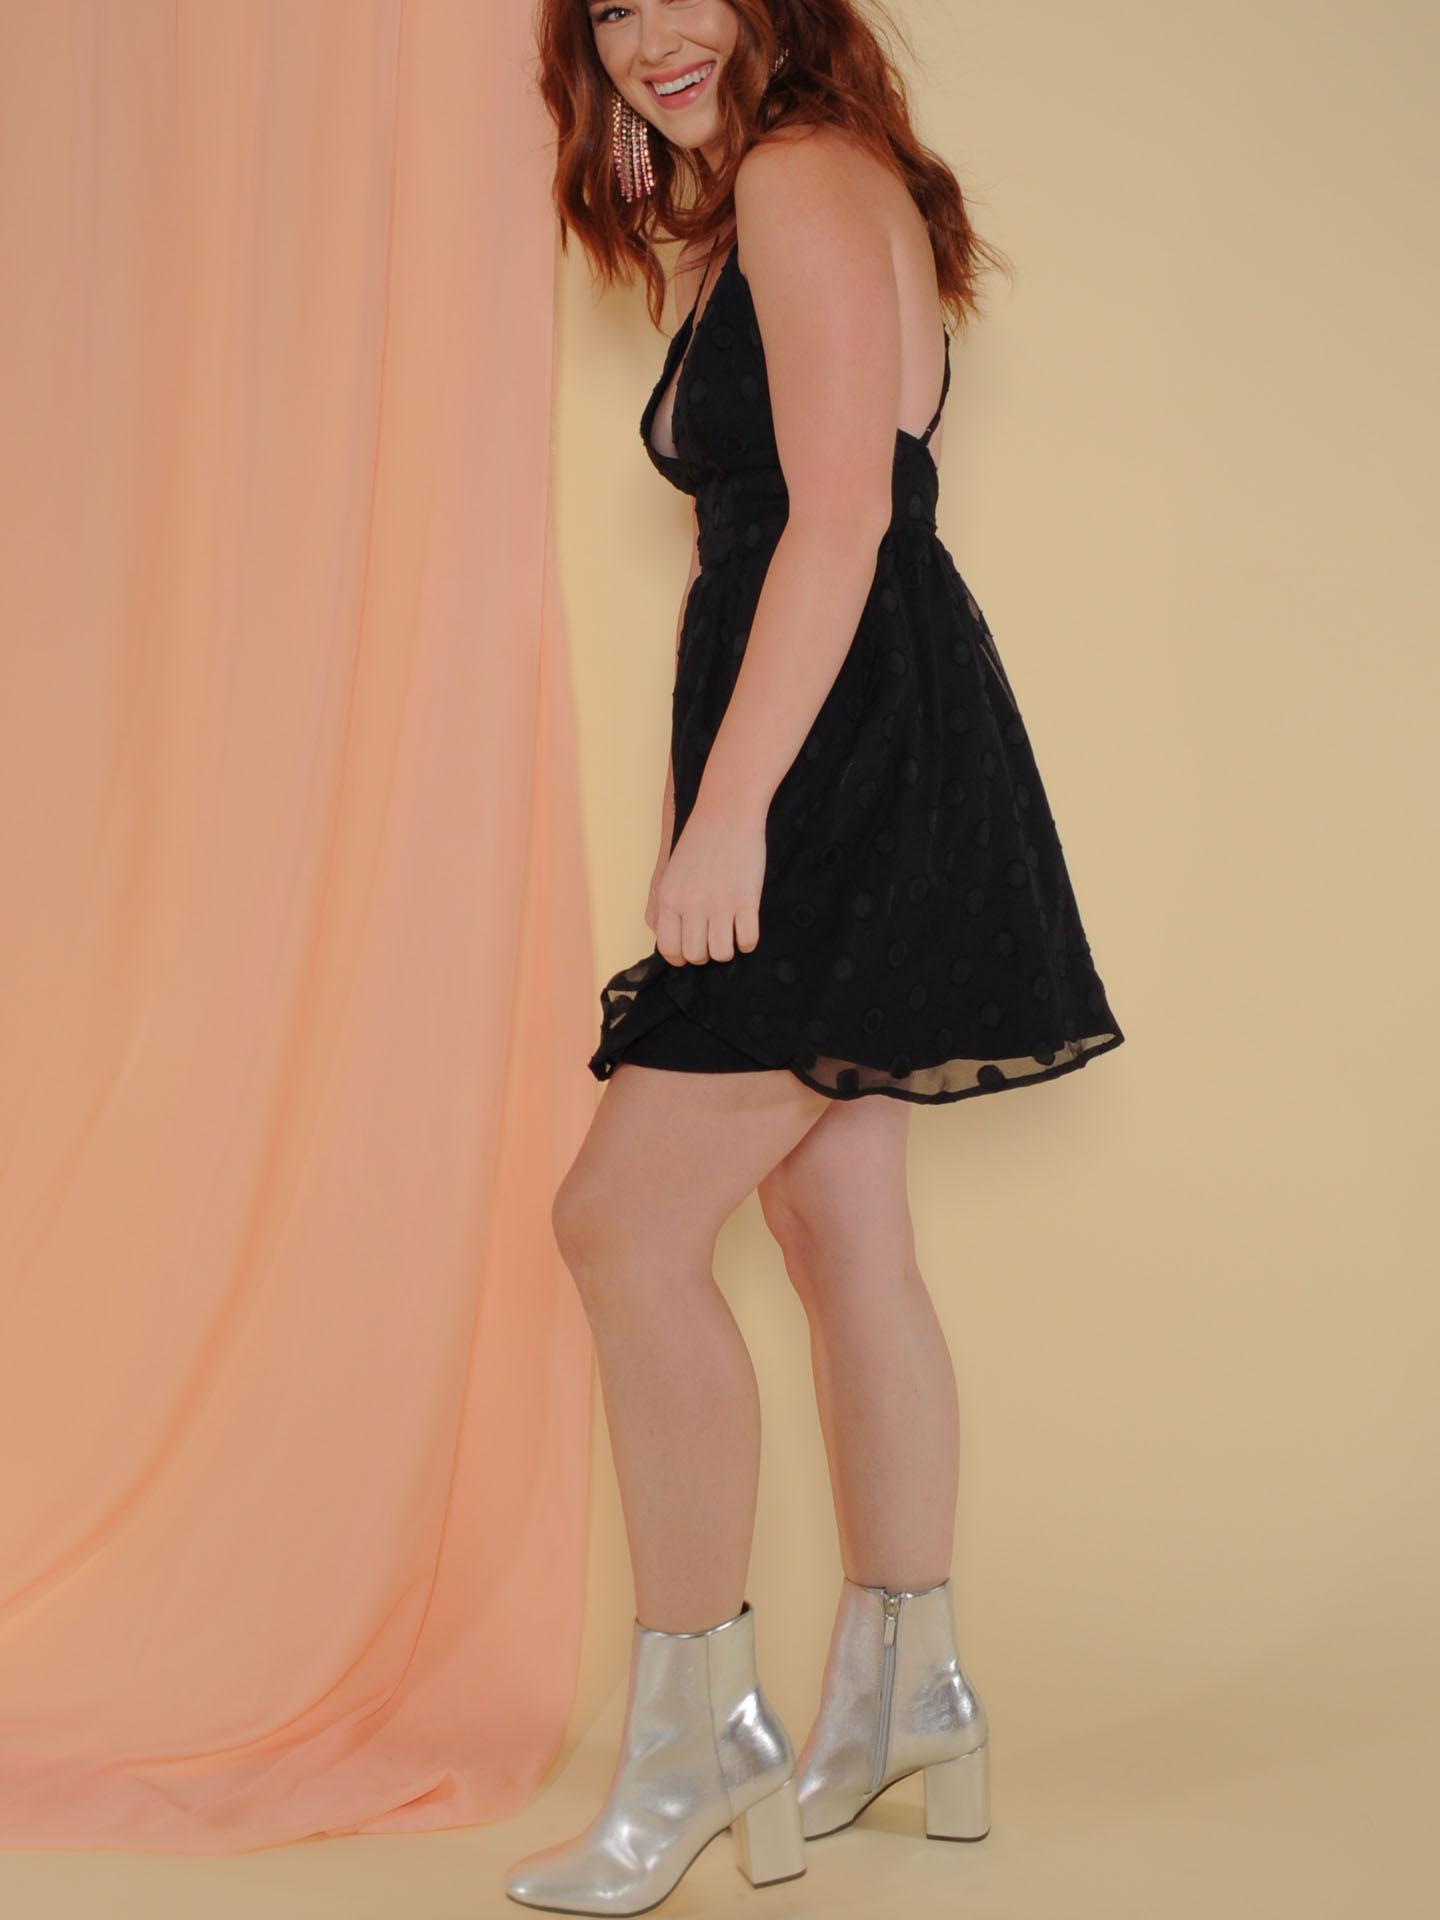 Knockout Dress Mini V Neck Polka Dot Dress Side